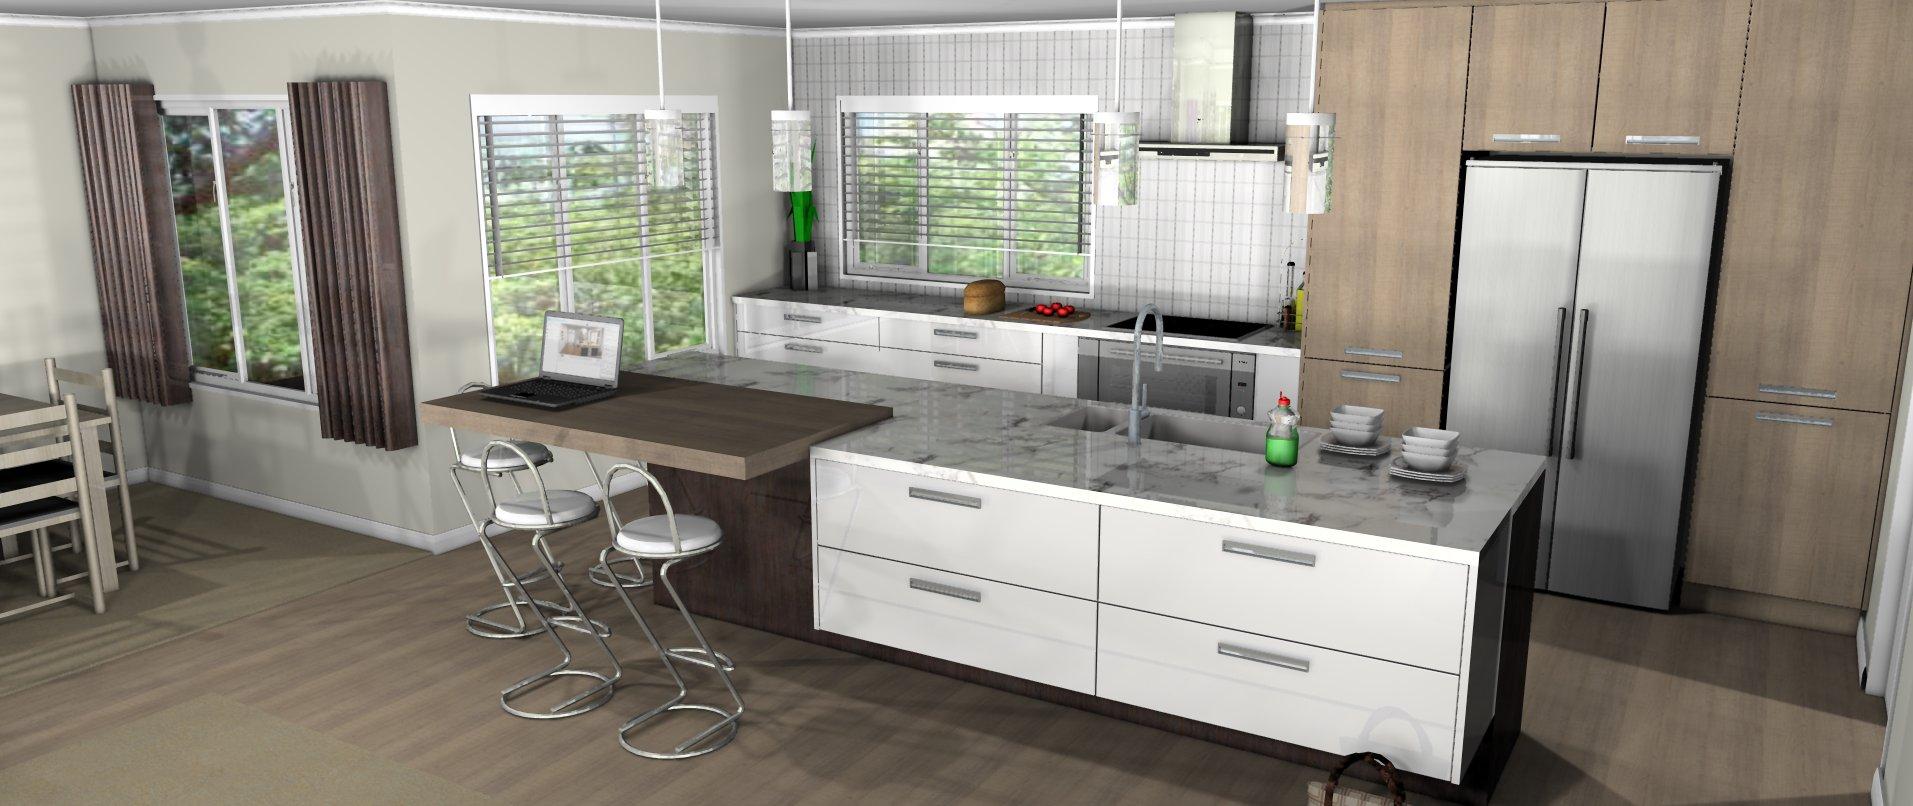 Kitchen Designs From Rachel Evans Kitchen Designer Christchurch Rachel Evans Design